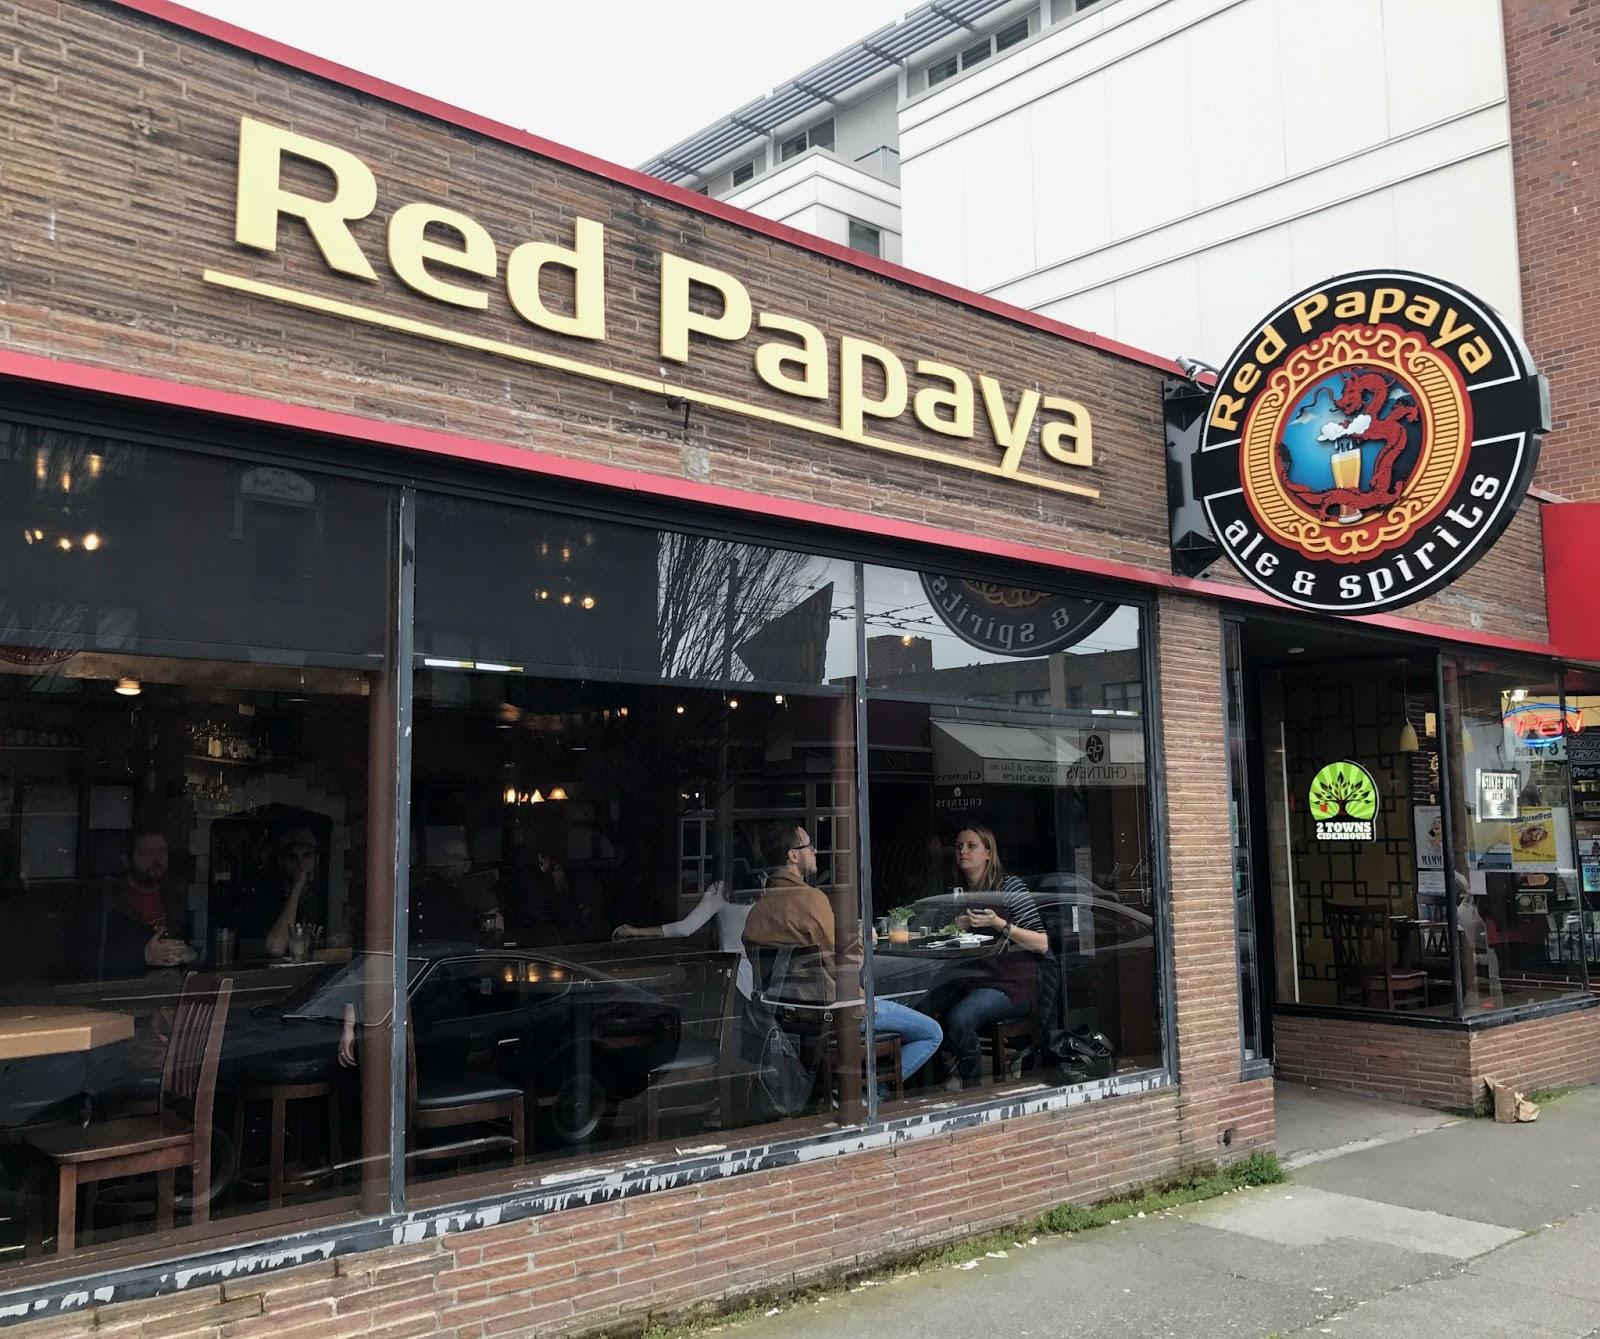 Seattlebars org: #1770 #S1023 - Red Papaya, Seattle - 4/29/2012